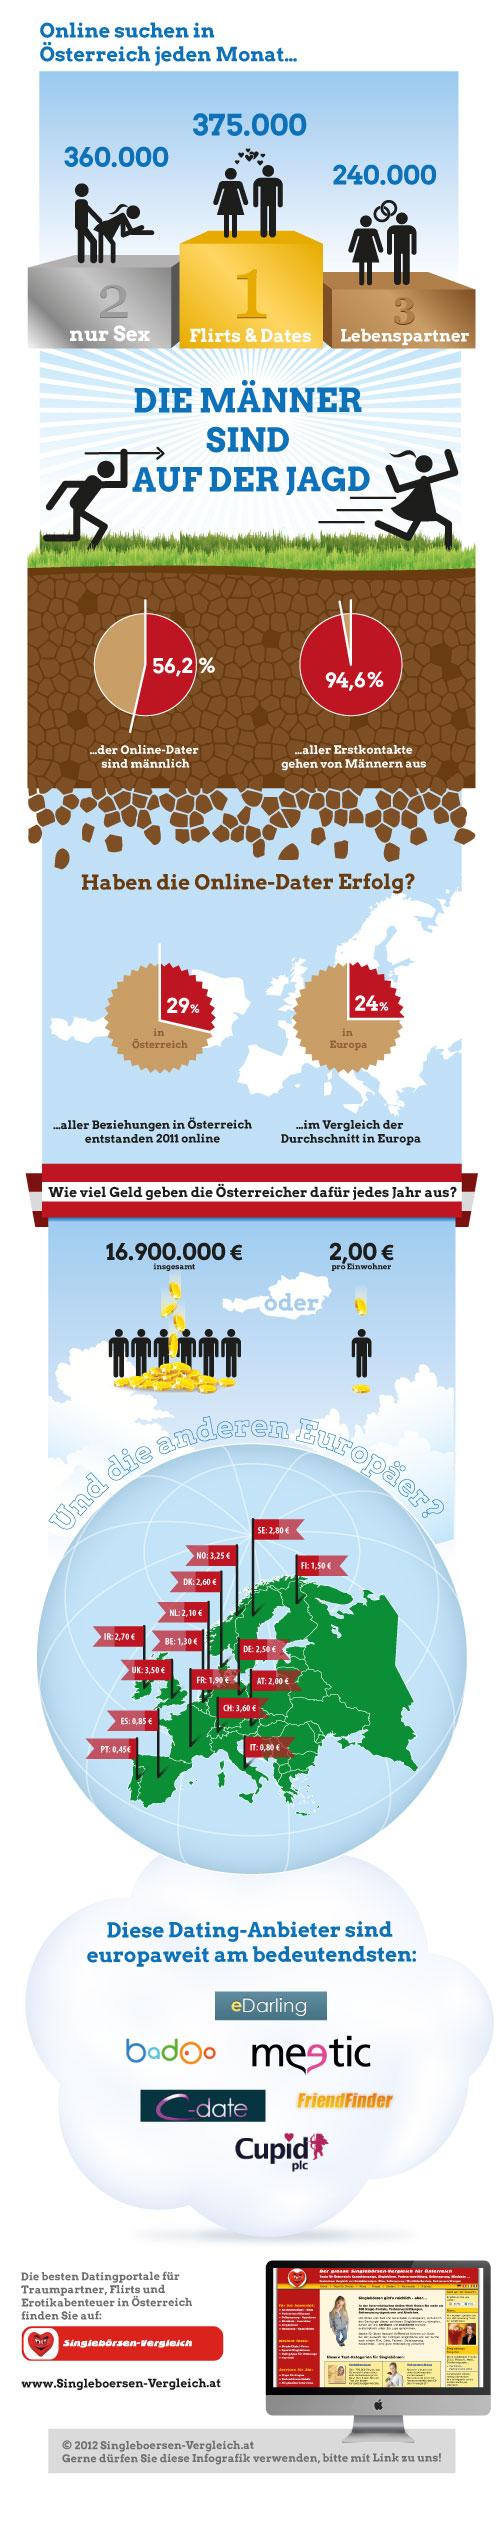 Infografik: Die wichtigsten Facts zum Online-Dating Österreichs in einer Grafik